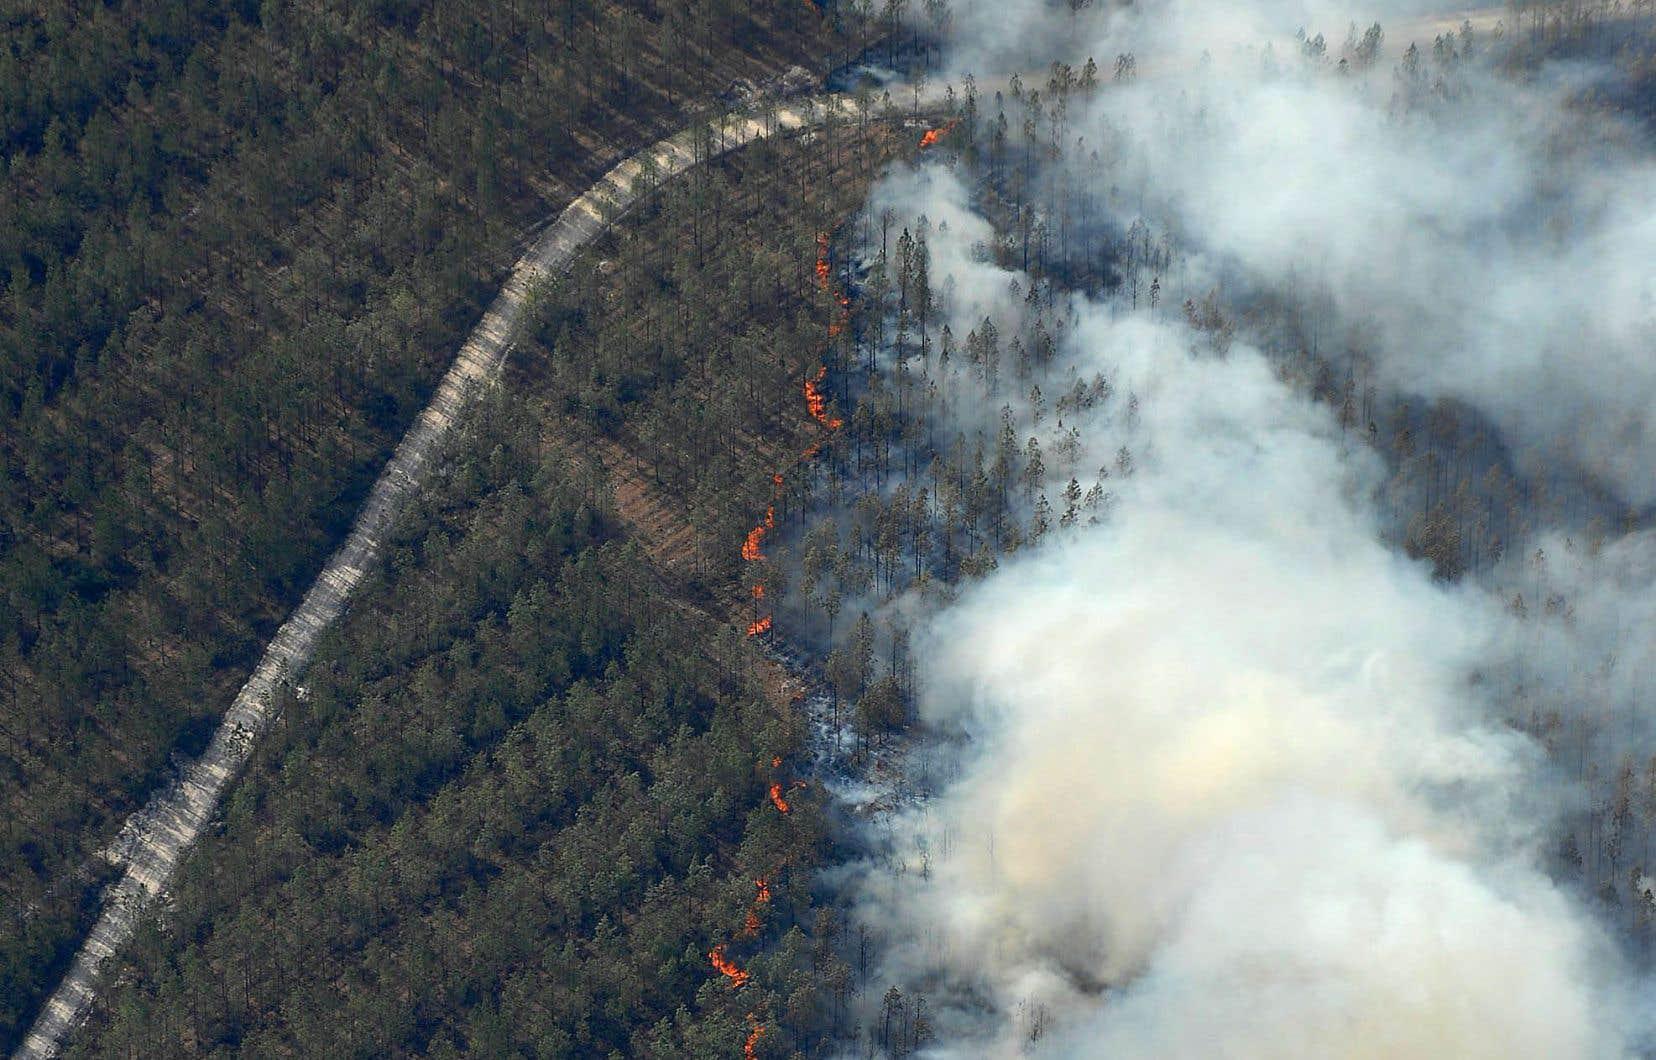 «Le taux d'incendies de forêt dans la partie ouest [du Nord du Québec] représente près de 2,5% du territoire par année, en moyenne. Ça semble peu, mais ça veut dire qu'en moyenne, chaque point de territoire passe au feu tous les 40ans», souligneDominique Arsenault.